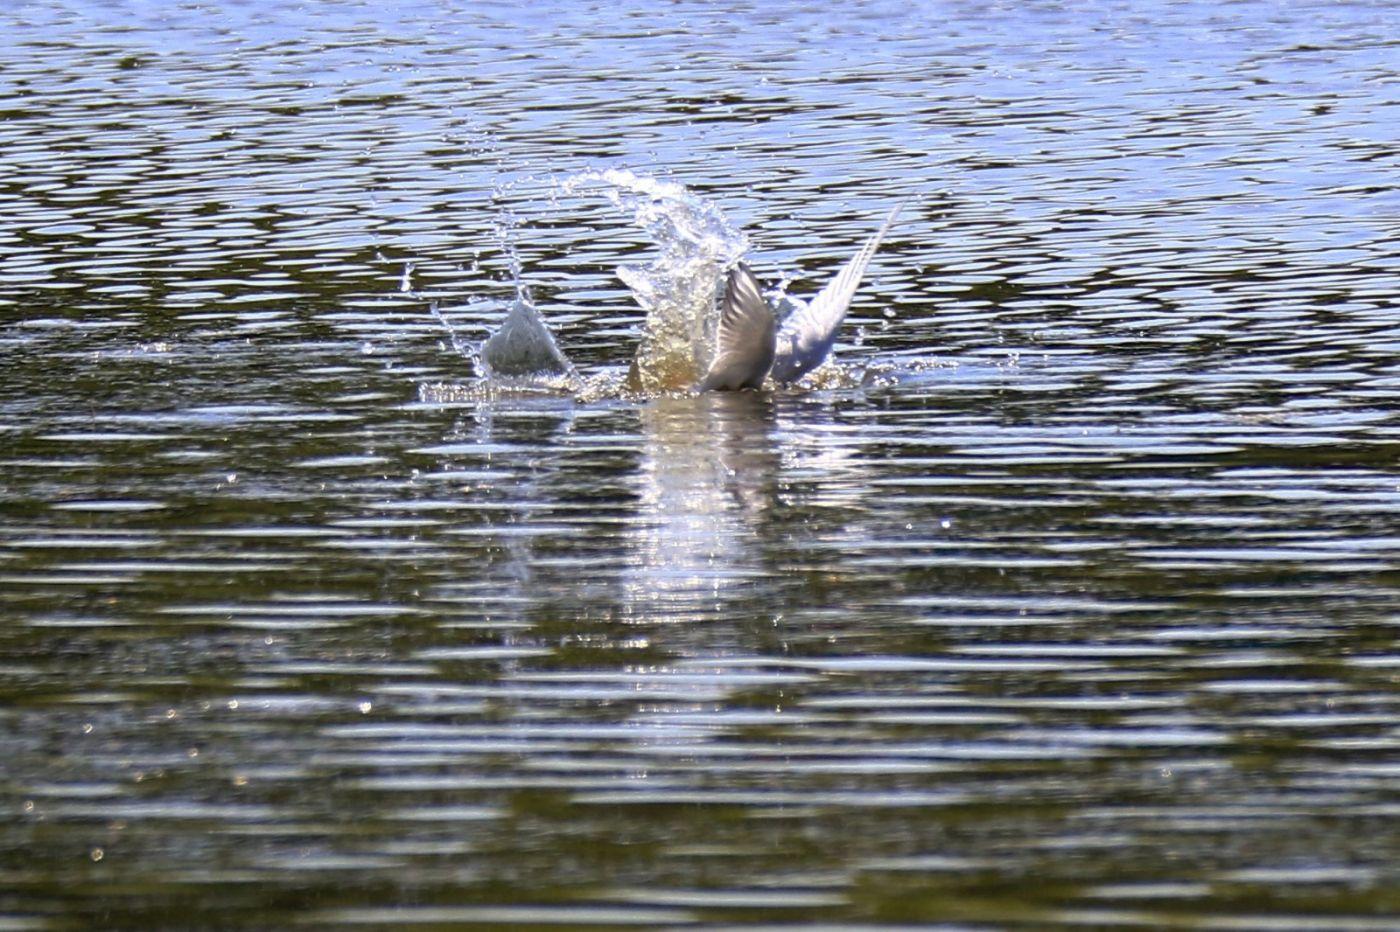 燕鸥捕鱼_图1-6